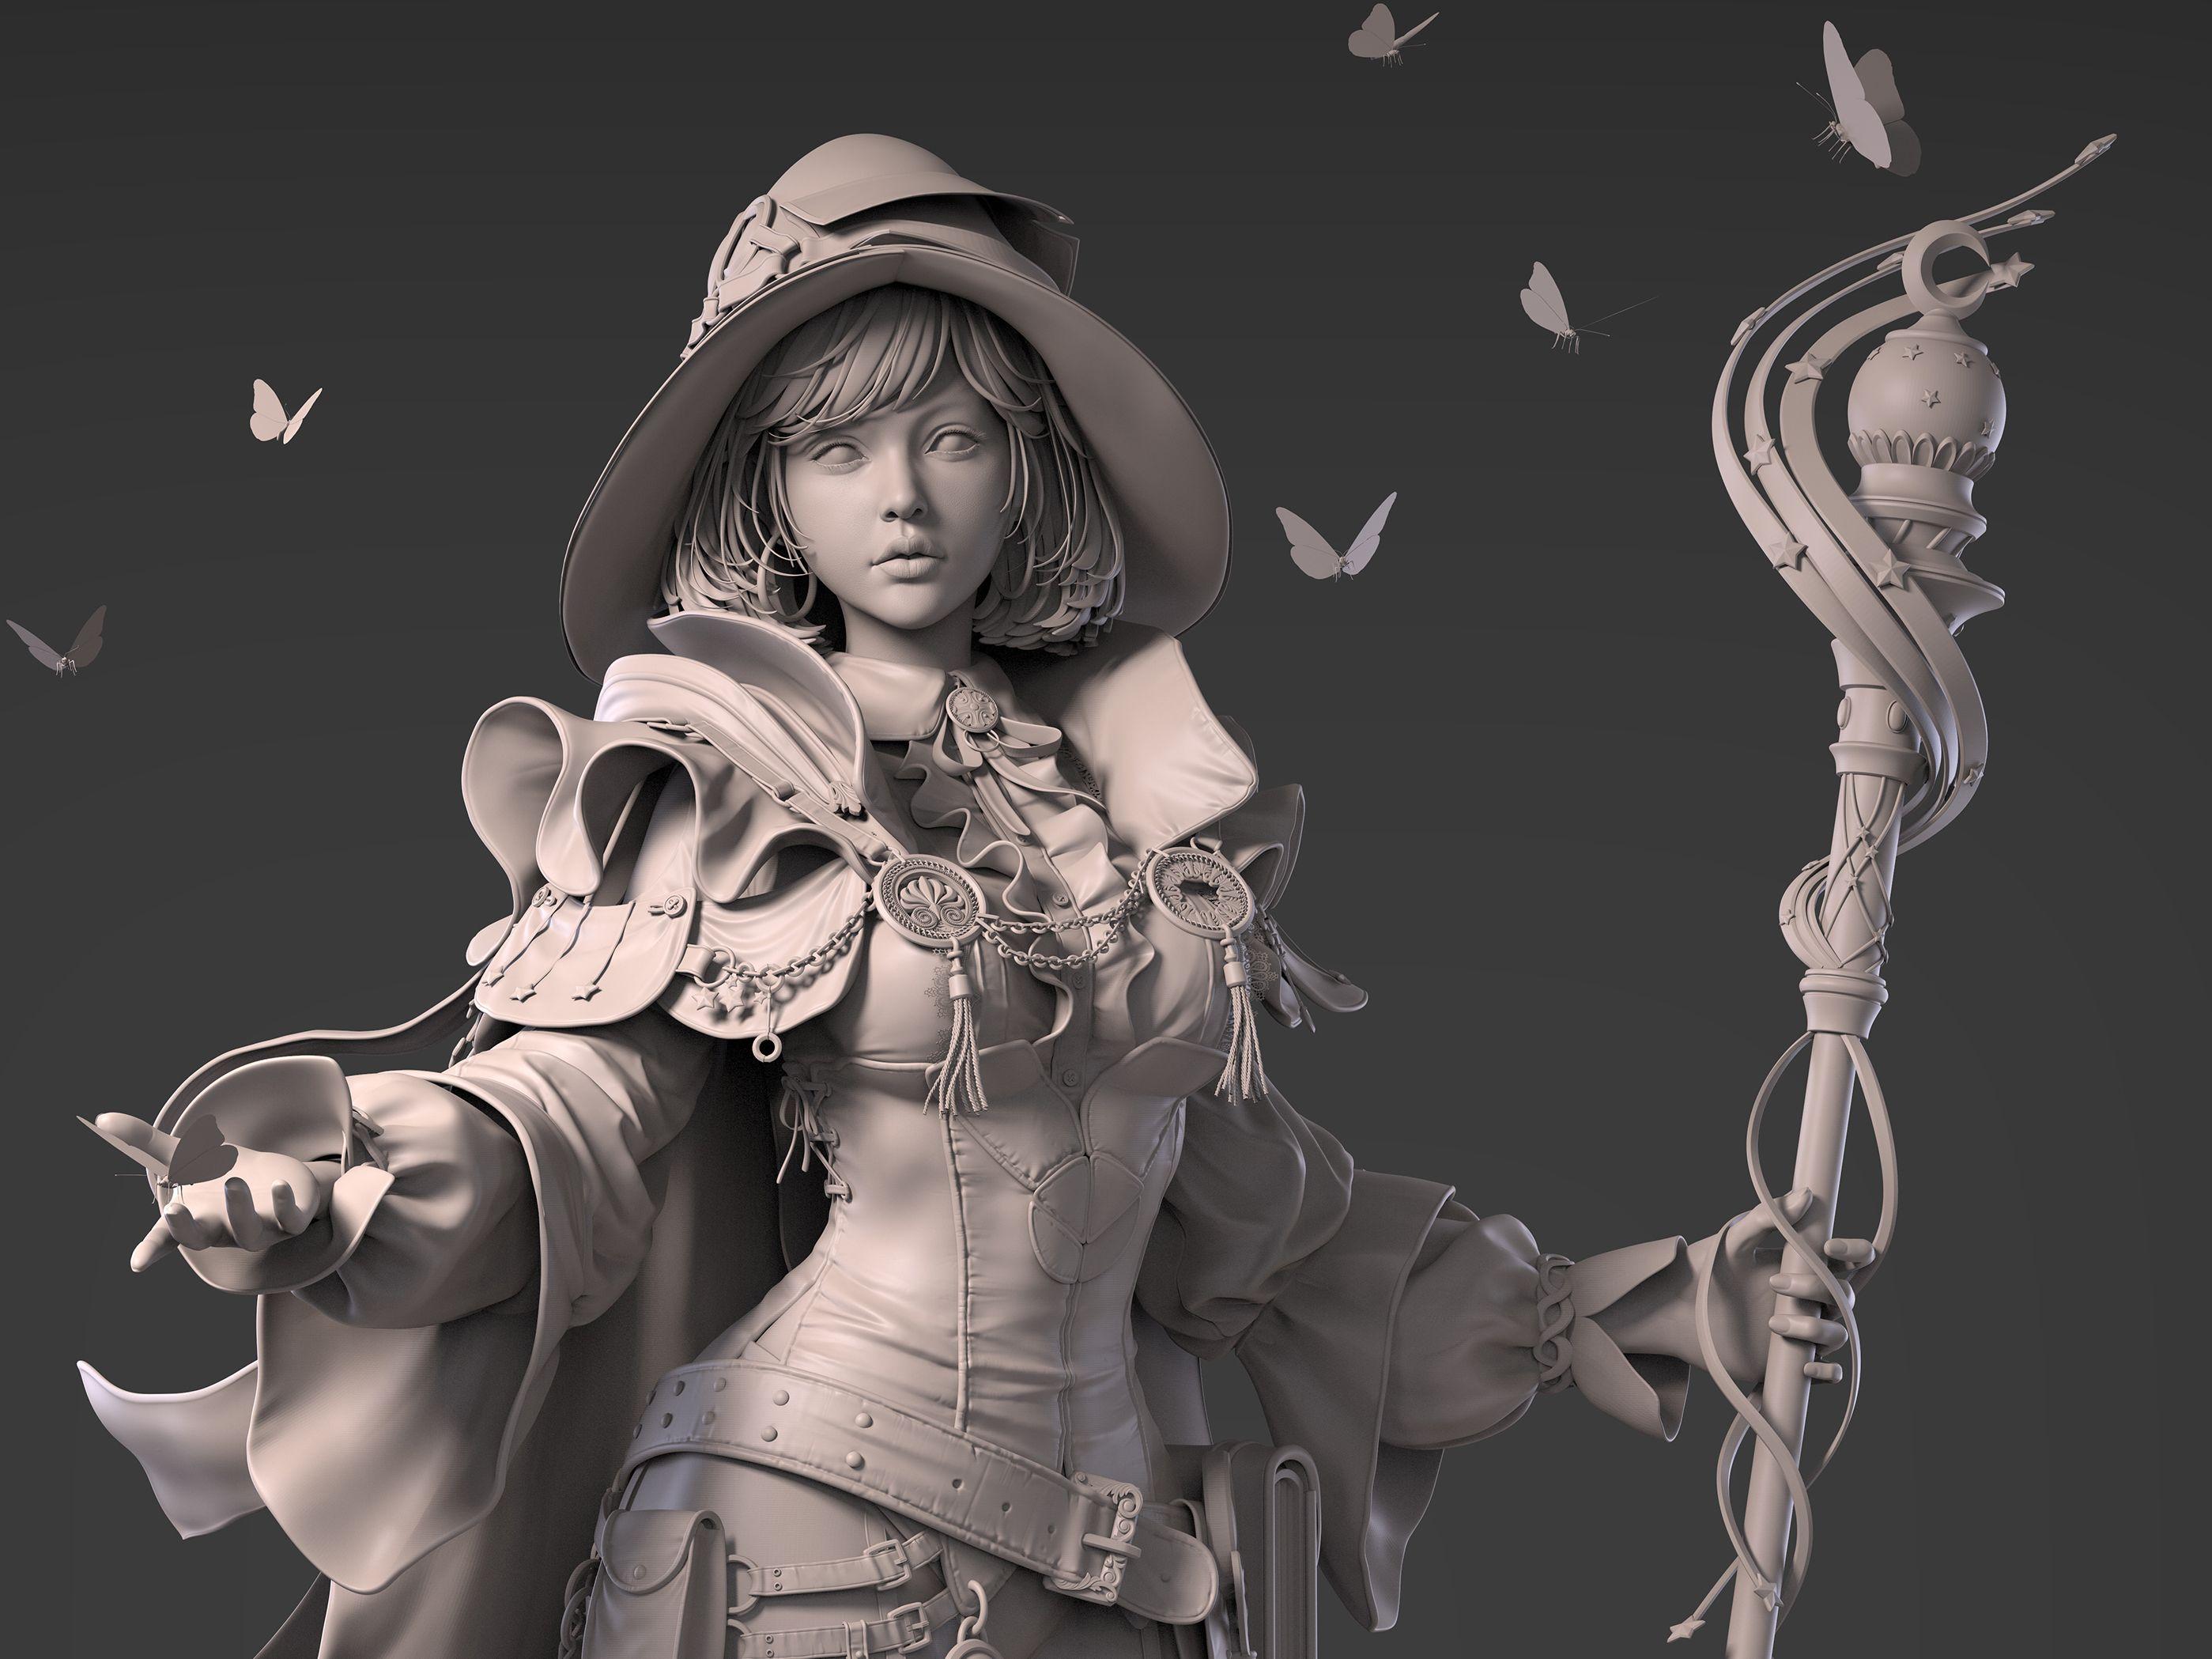 Девушка модель дизайна работы кира пластинина коллекции